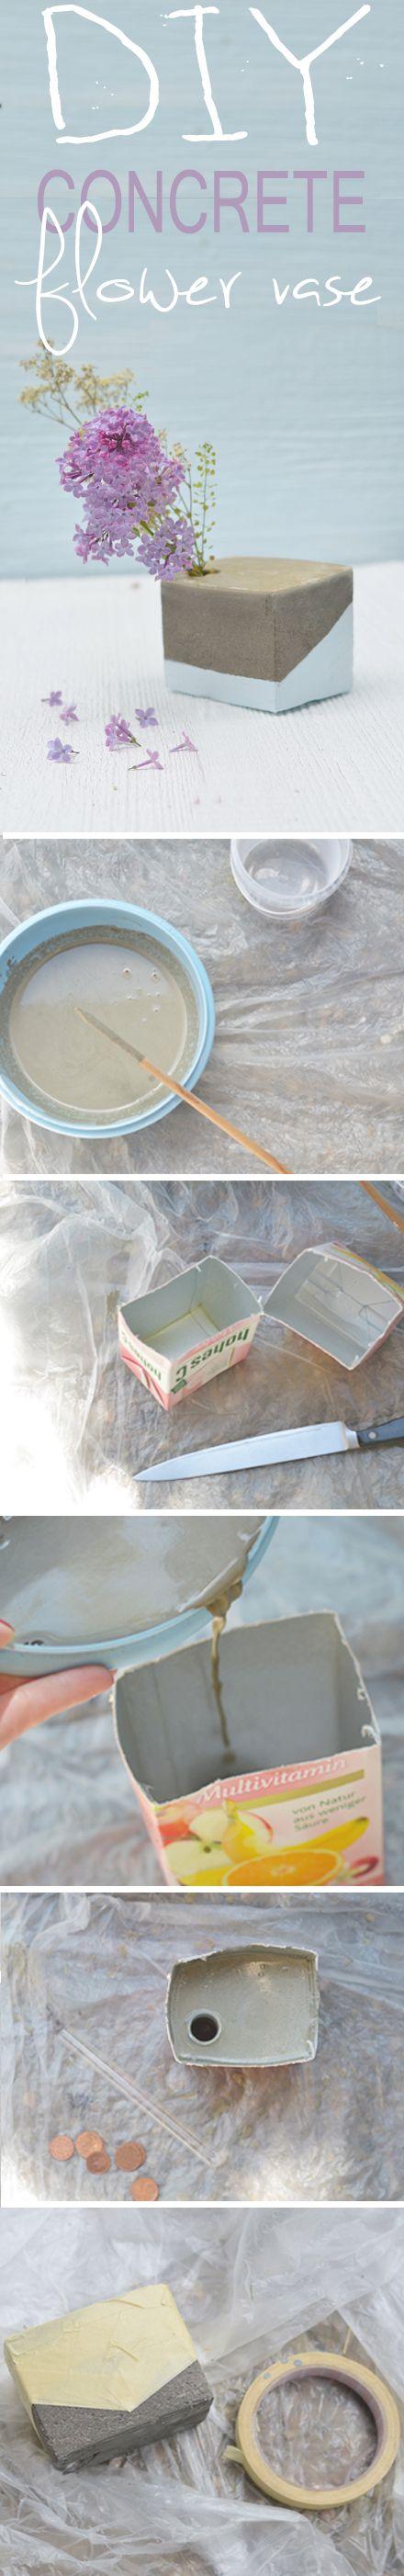 Eine Kurzanleitung / Tutorial wie ihr aus einem Tetrapack, einem Reagenzglas und Beton eine schicke und dekorative Blumenvase herstellt. // DIY concrete project // flower vase // concrete do it yourself >> http://www.bonnyundkleid.com/2015/05/do-it-yourself-blumenvase-aus-beton.html